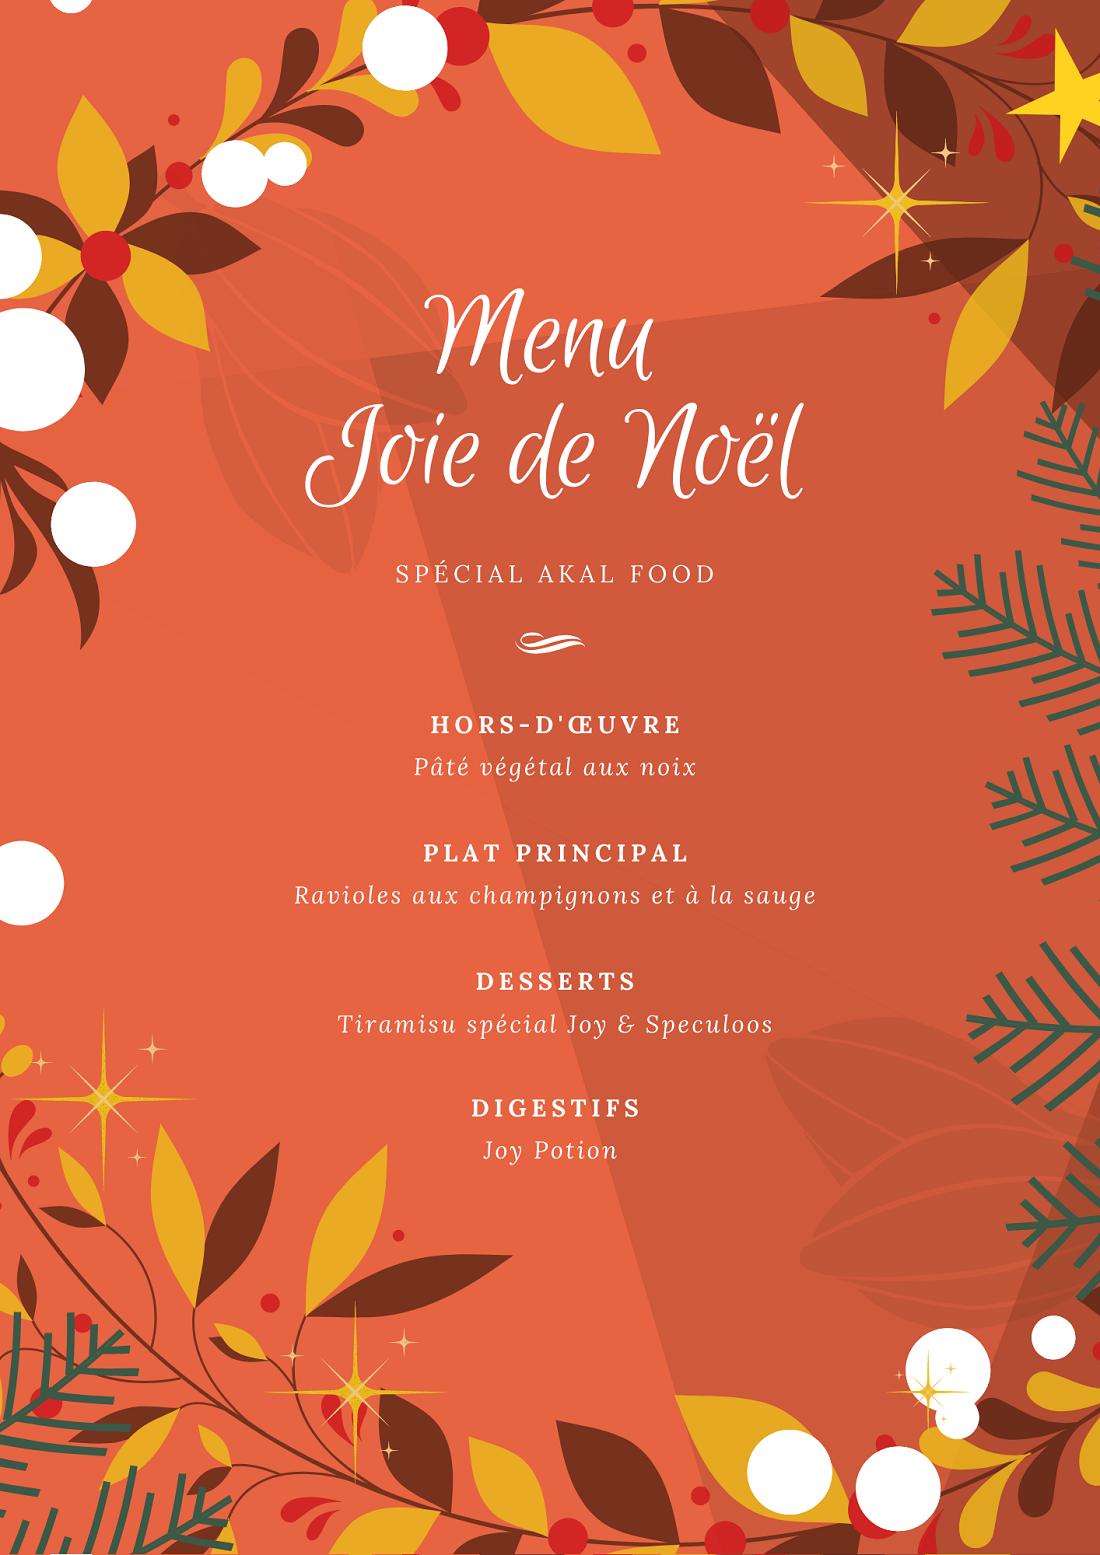 menu-joie-de-noel